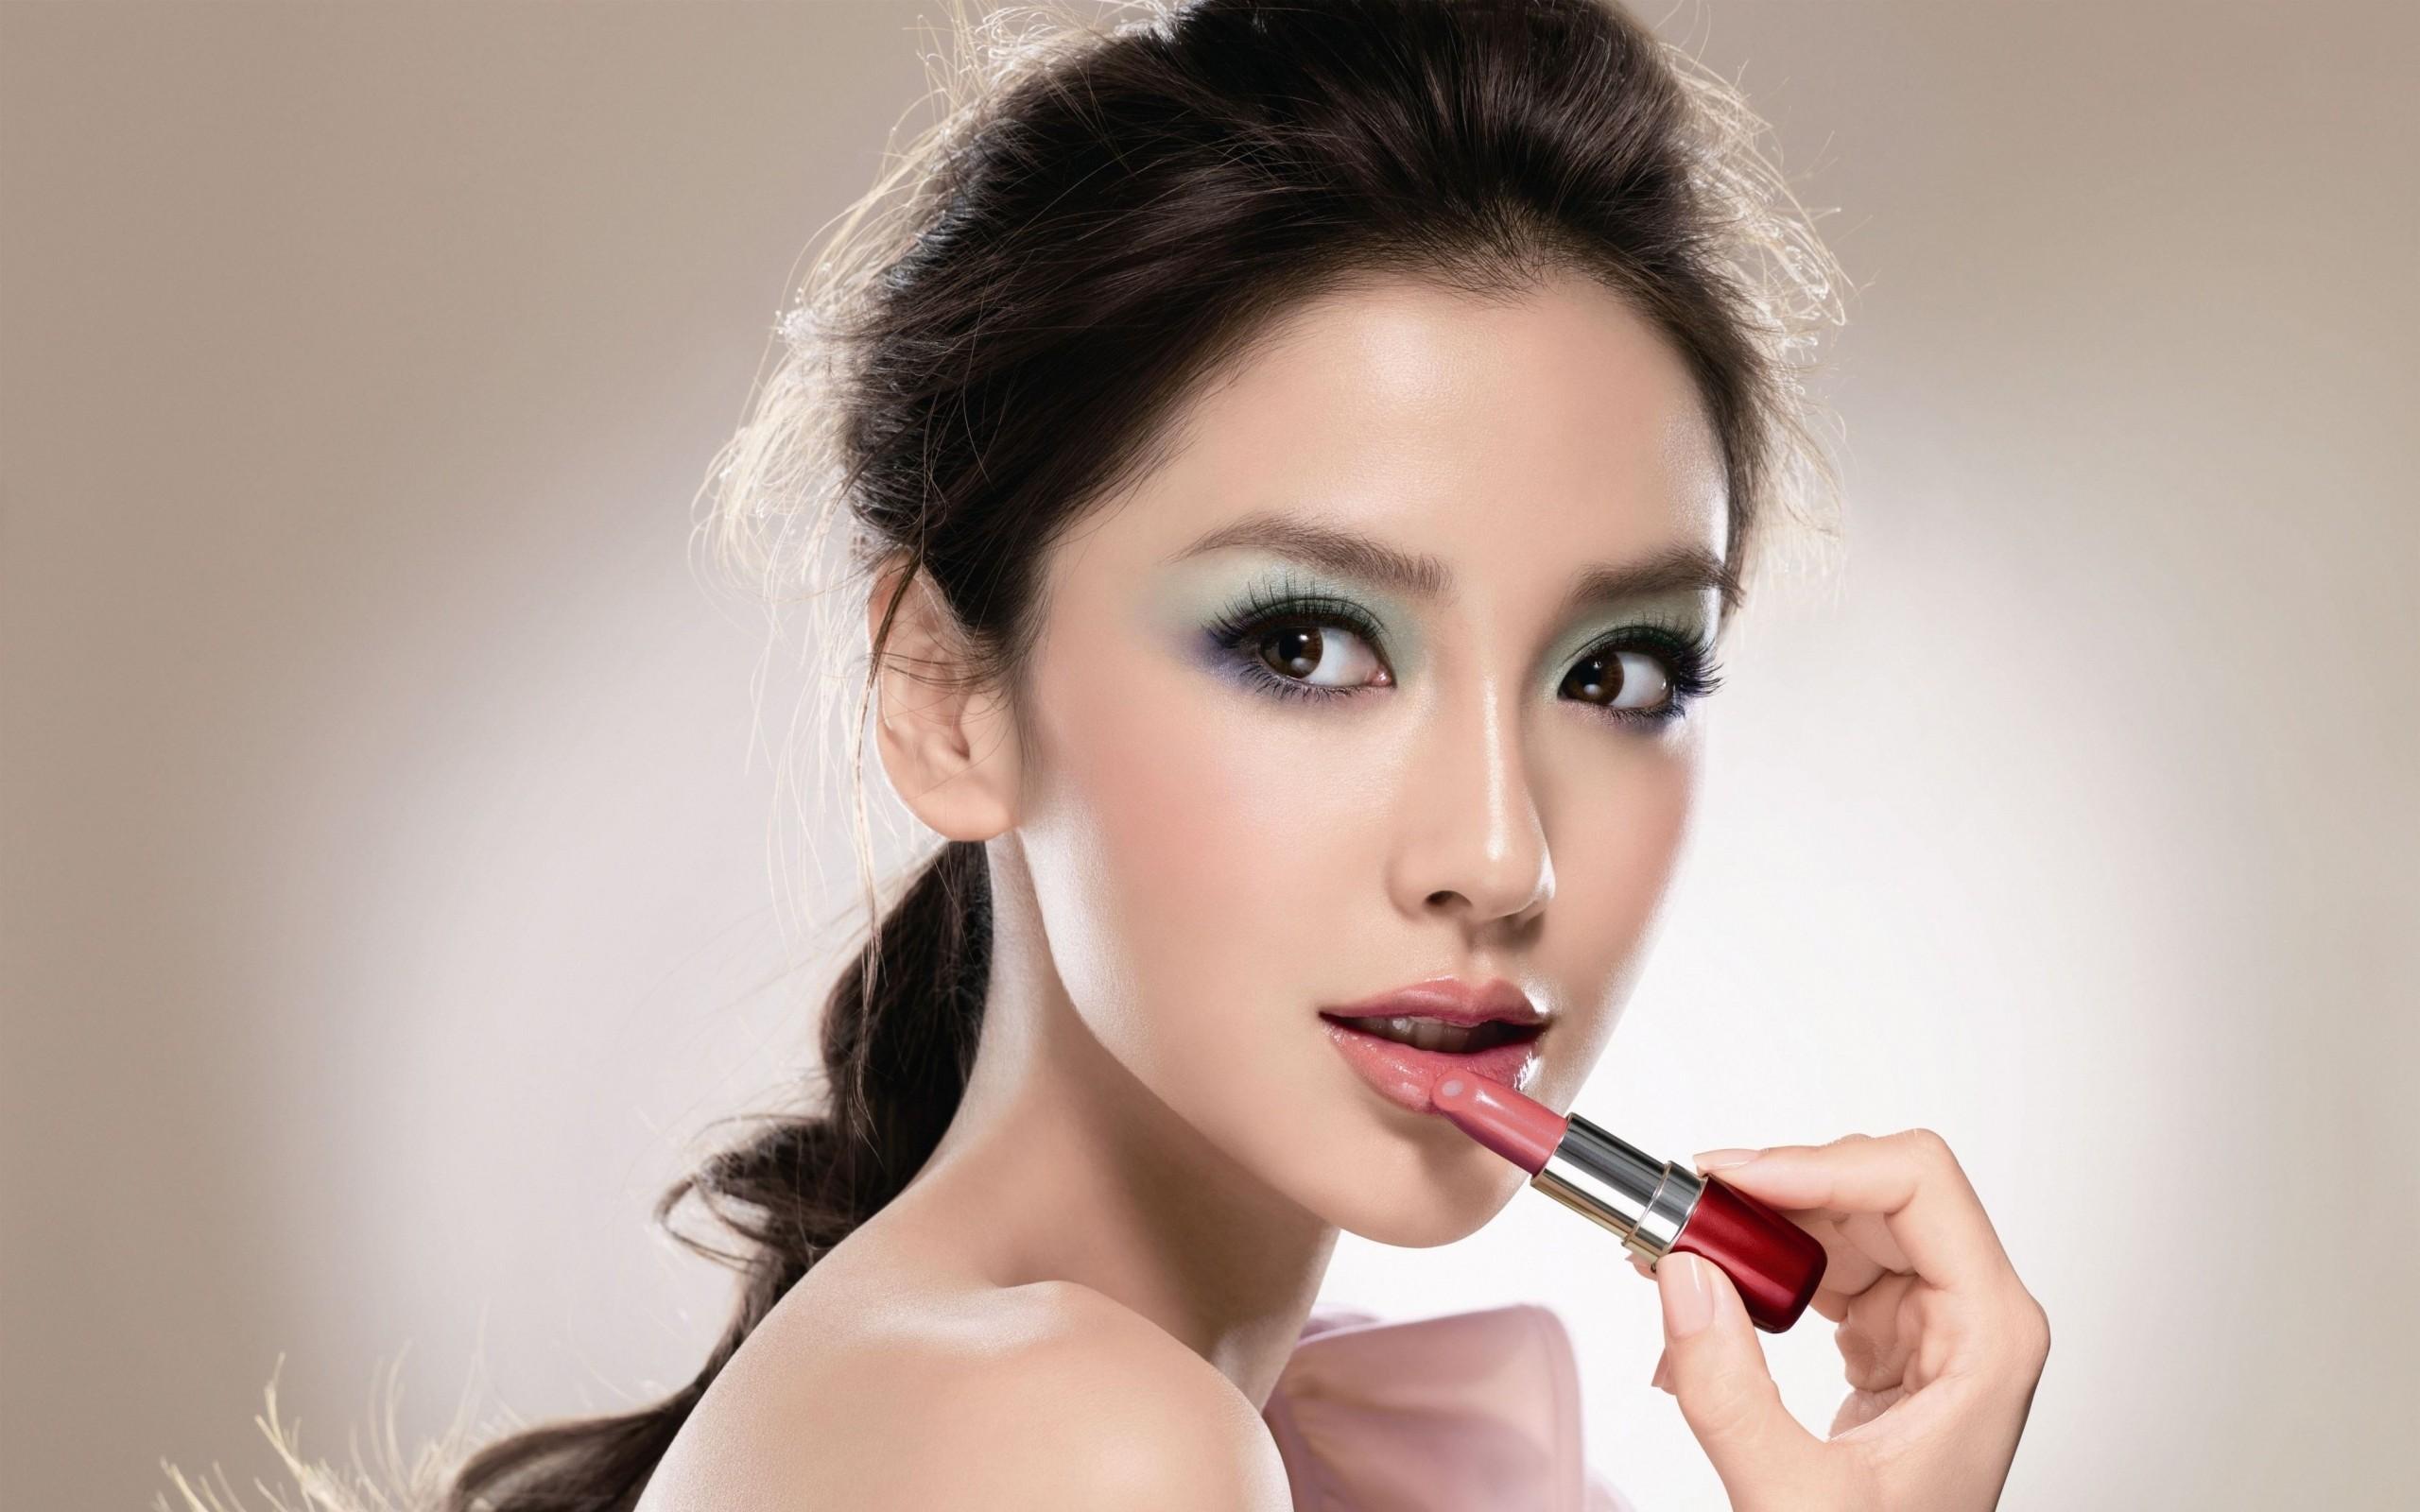 Maquillajes facial - 2560x1600